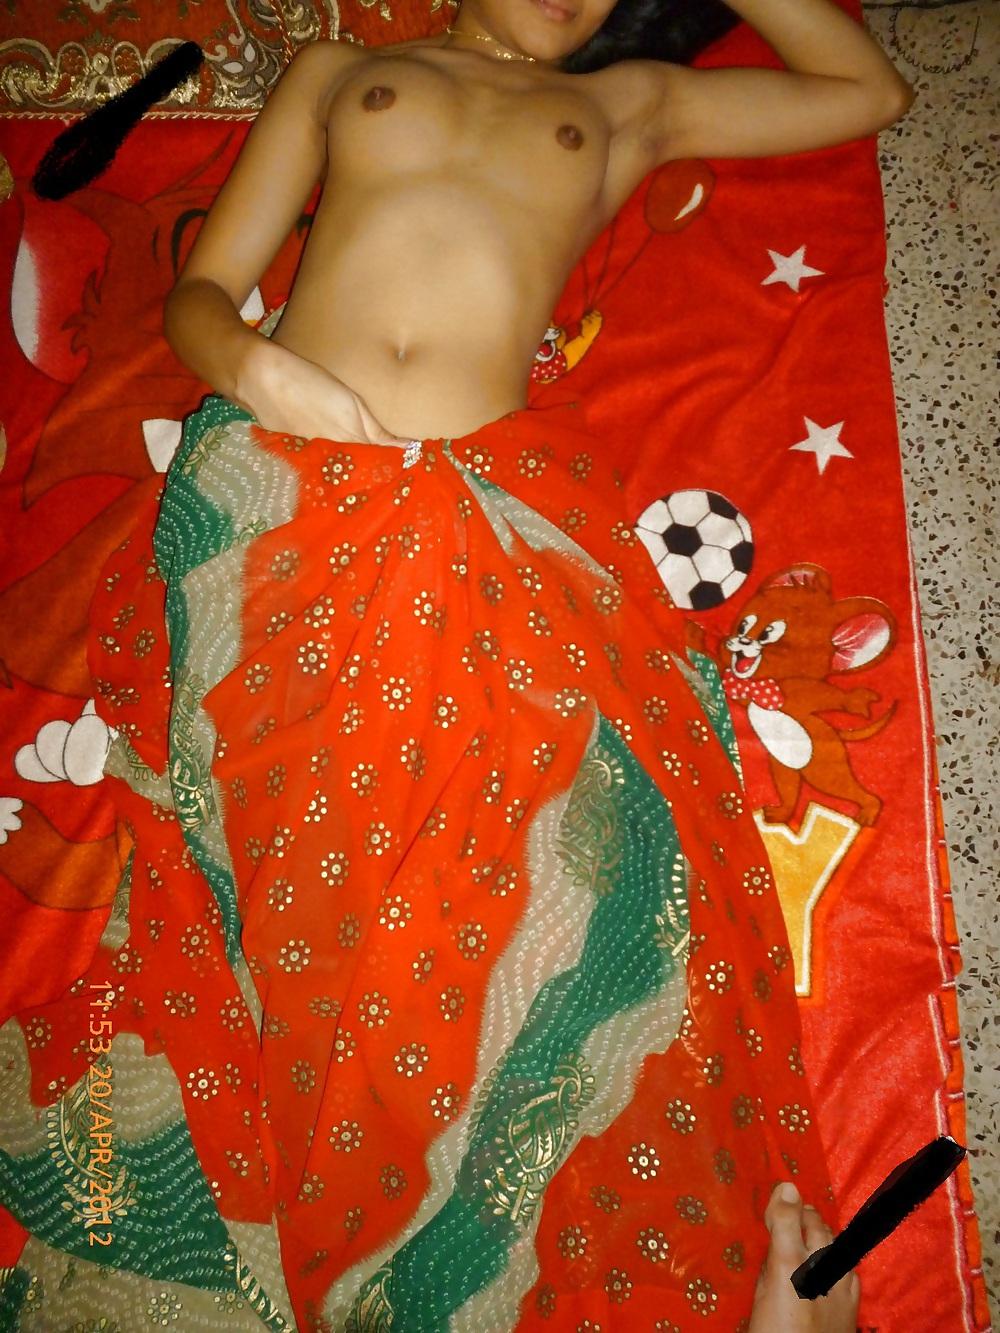 Gujarati bhabhi na bp video-2854